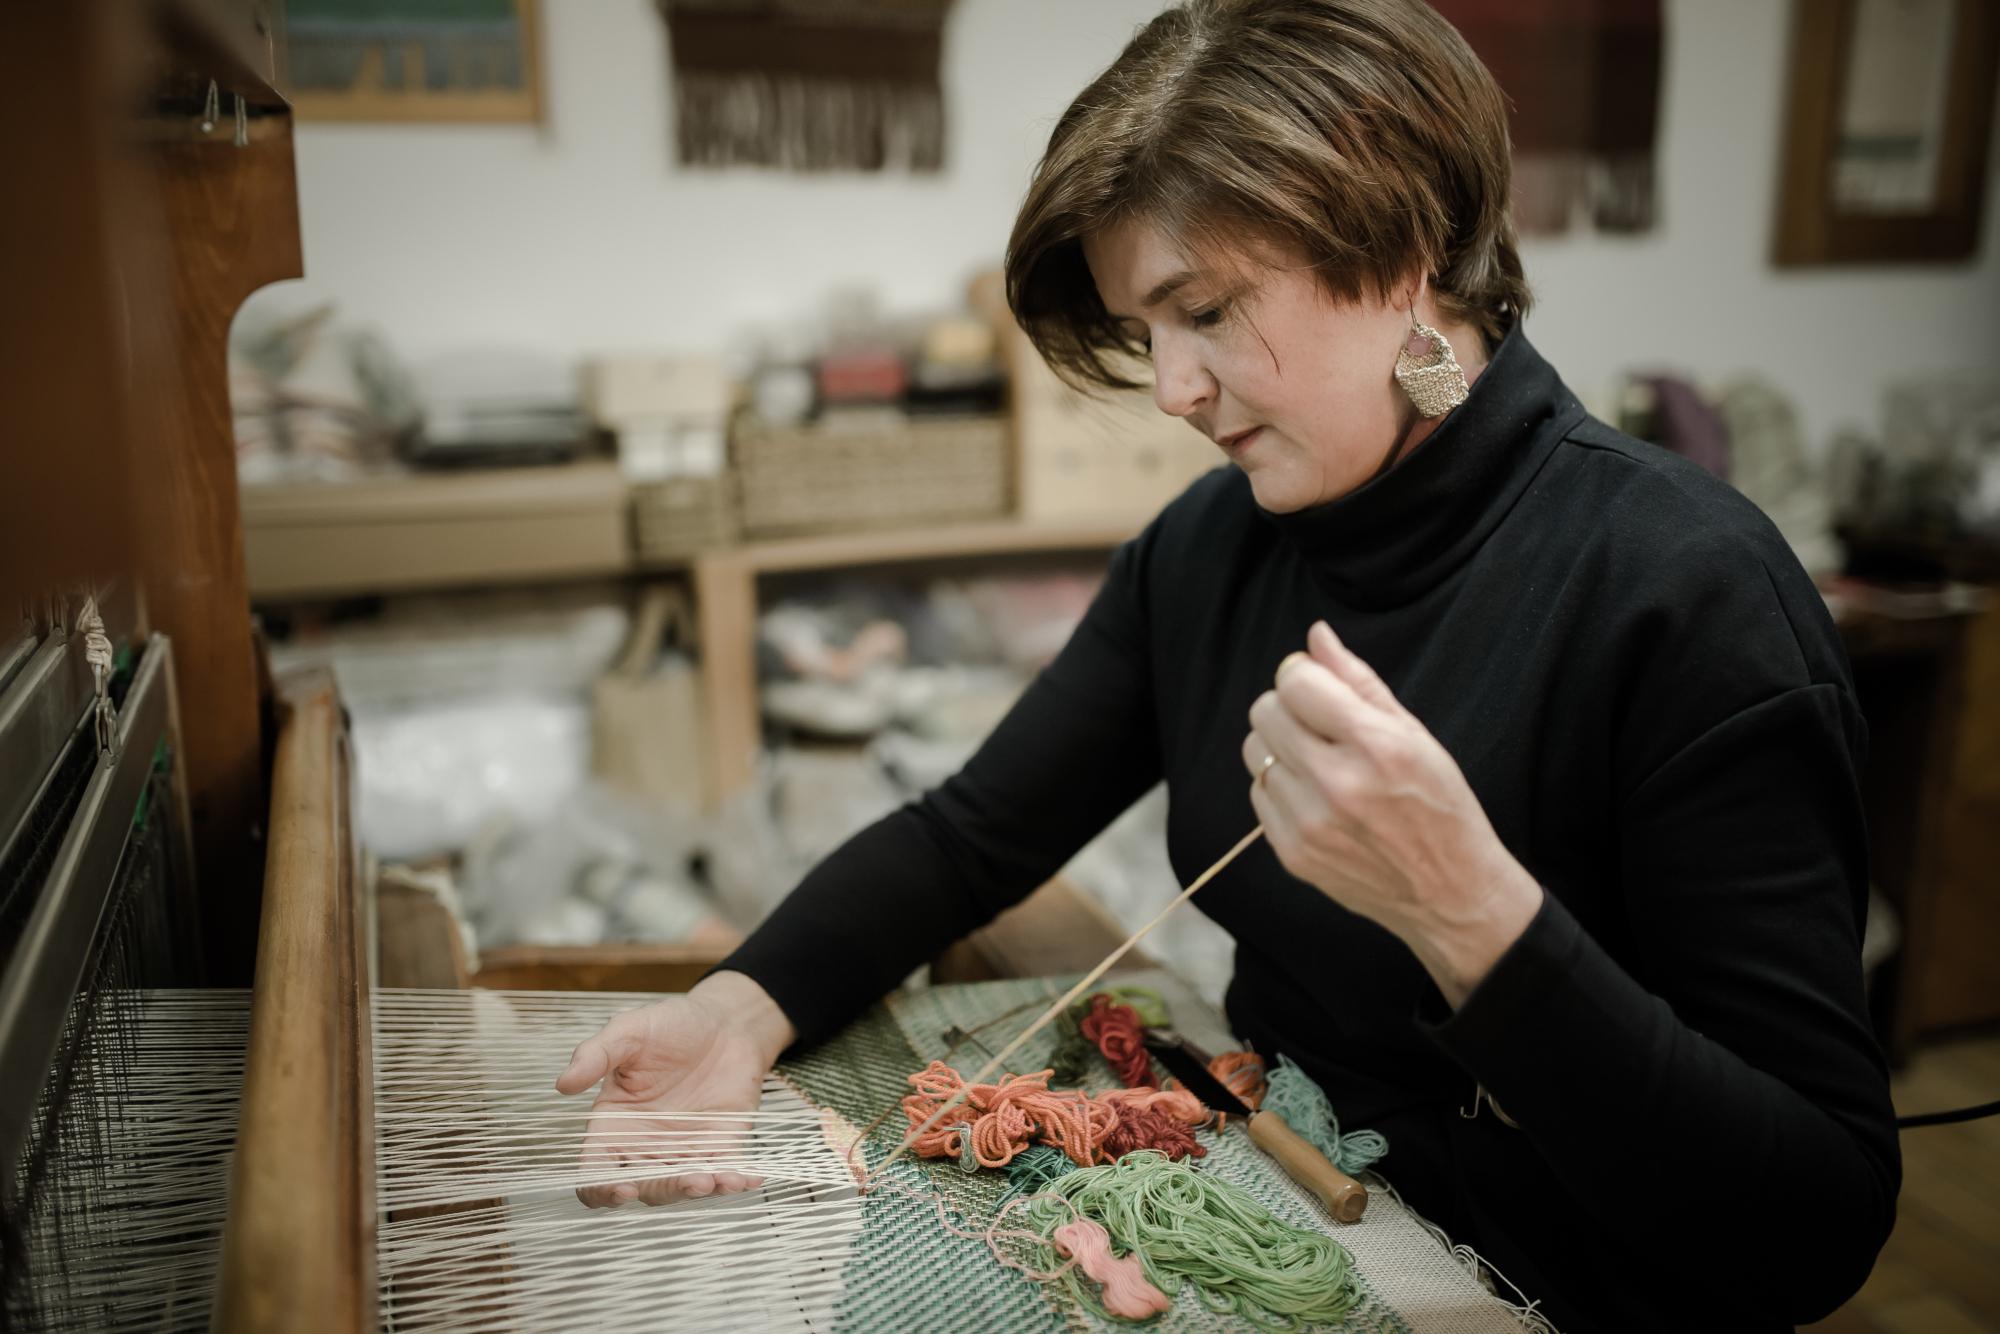 cristina-busnelli-tessitori-e-decoratori-di-tessuti-bassano-del-grappa-vicenza-profile